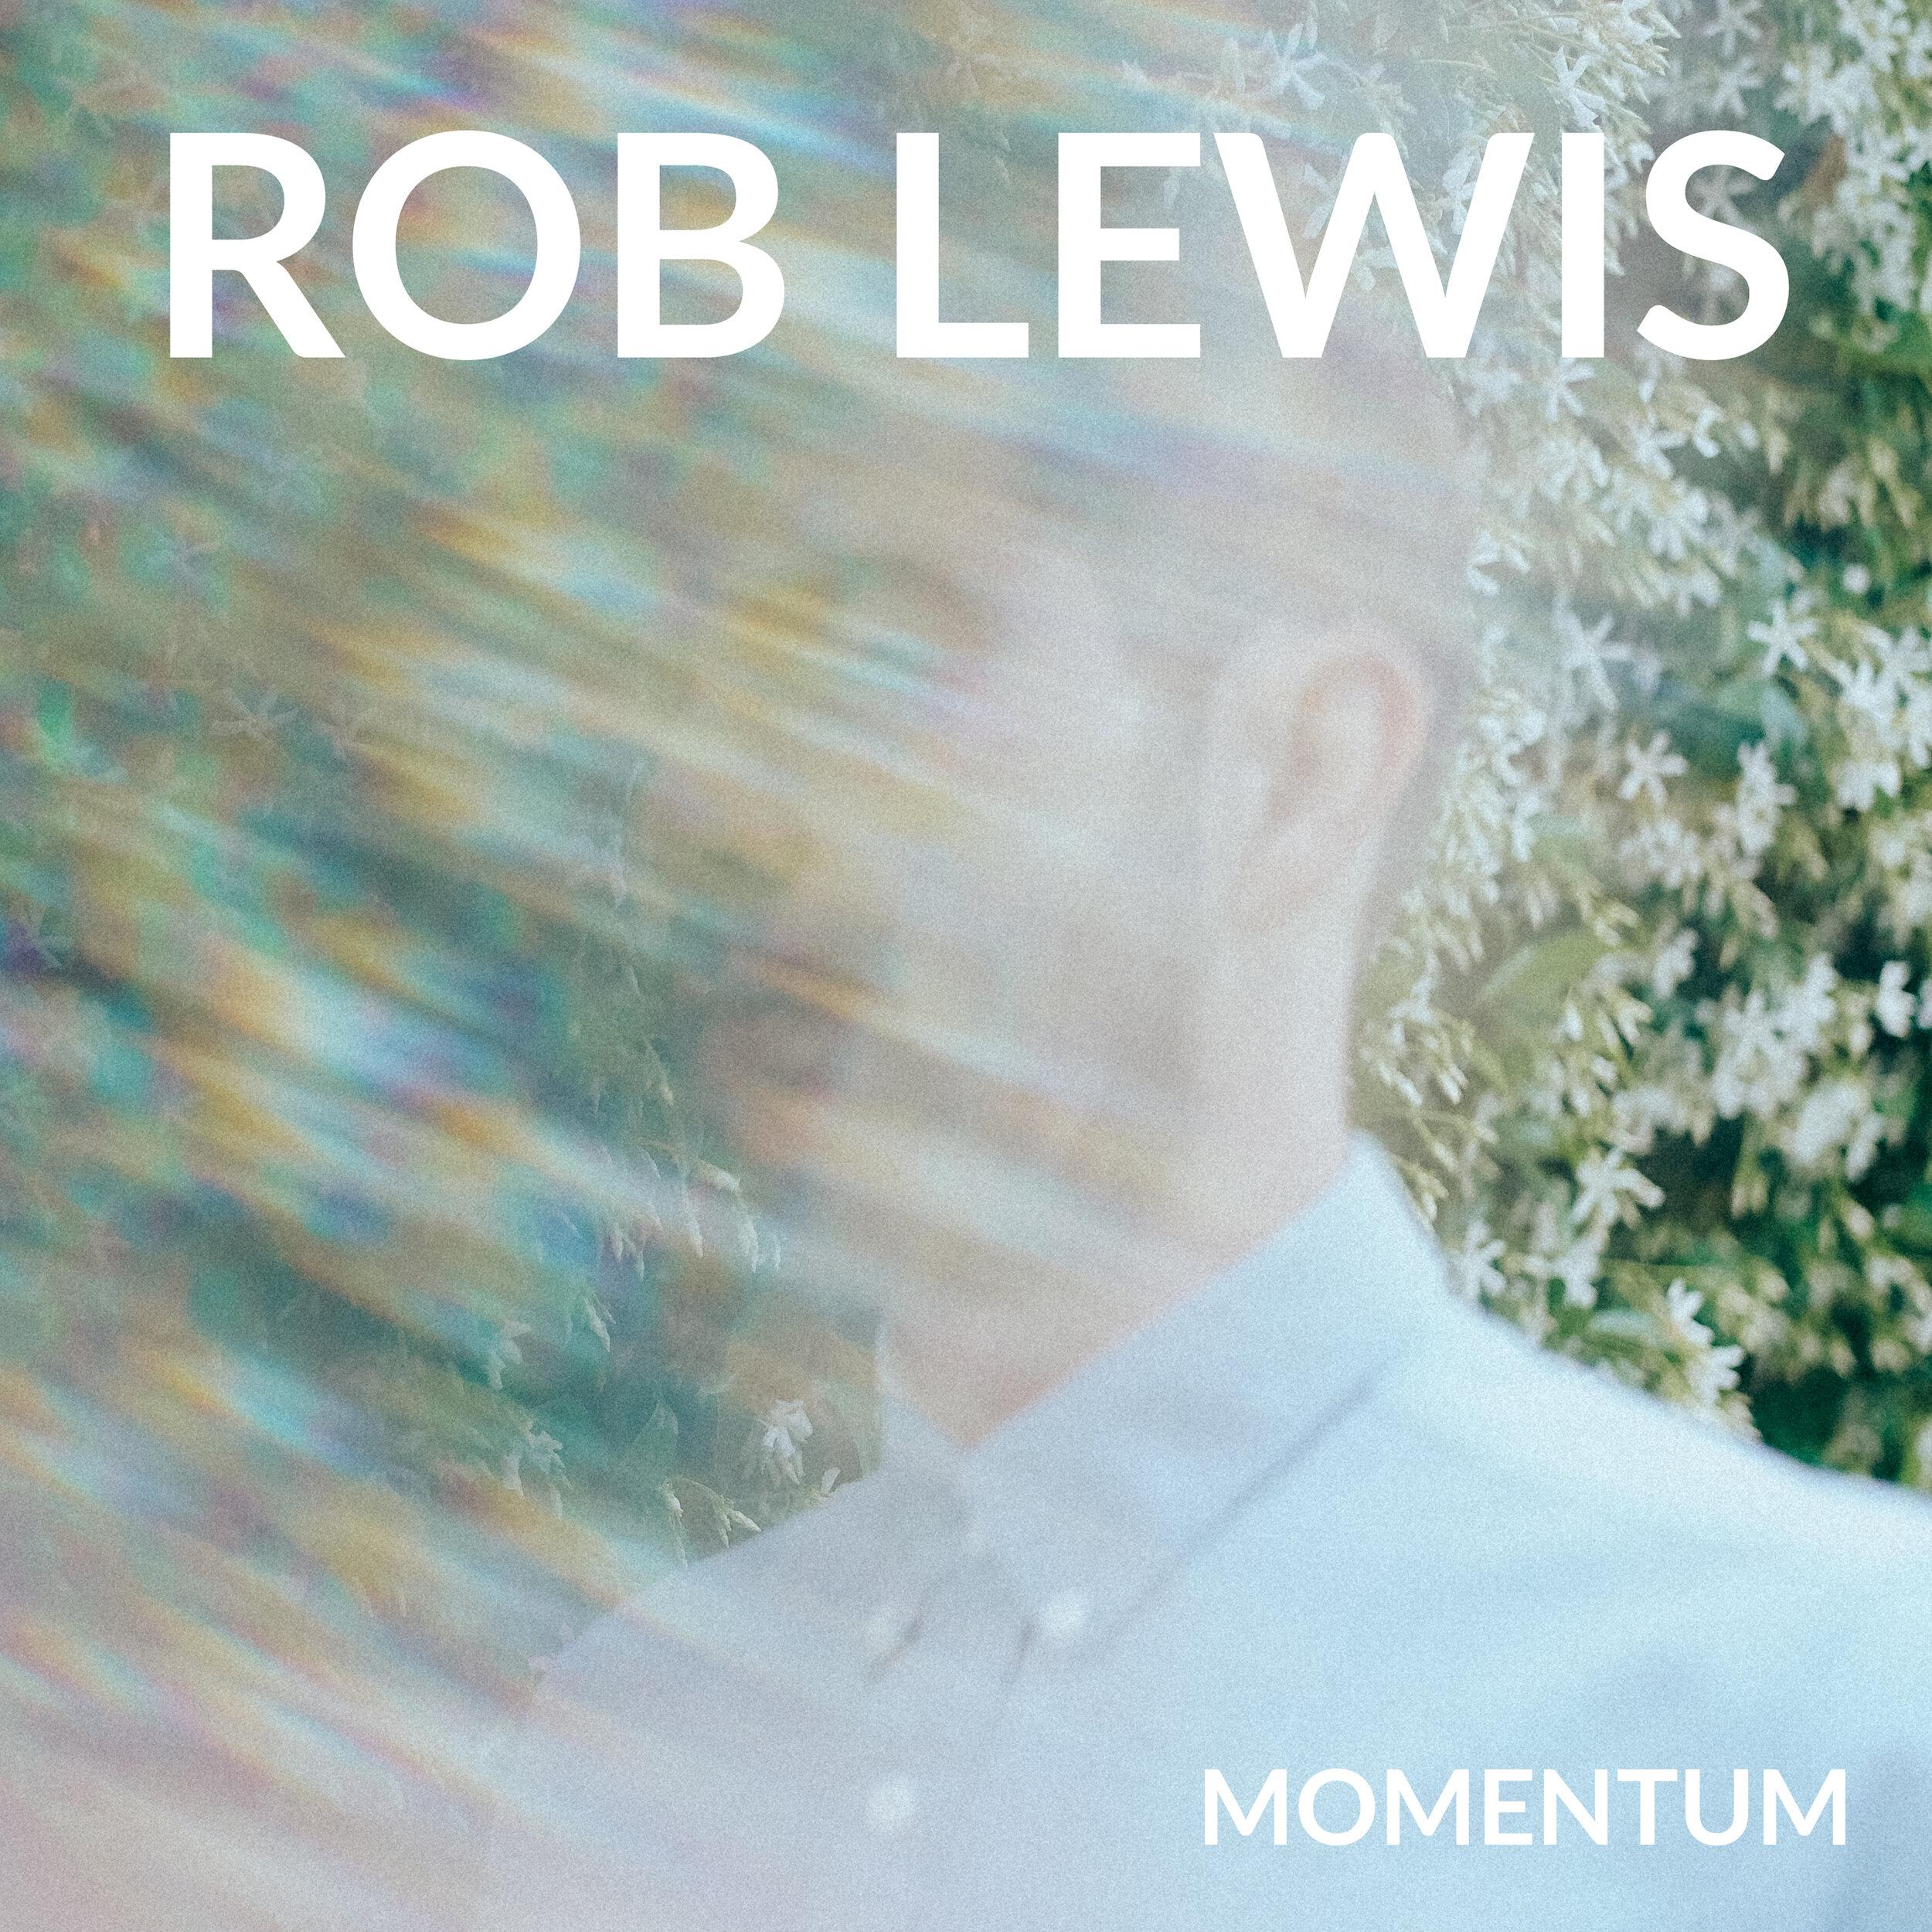 Momentum-4000x4000.jpg